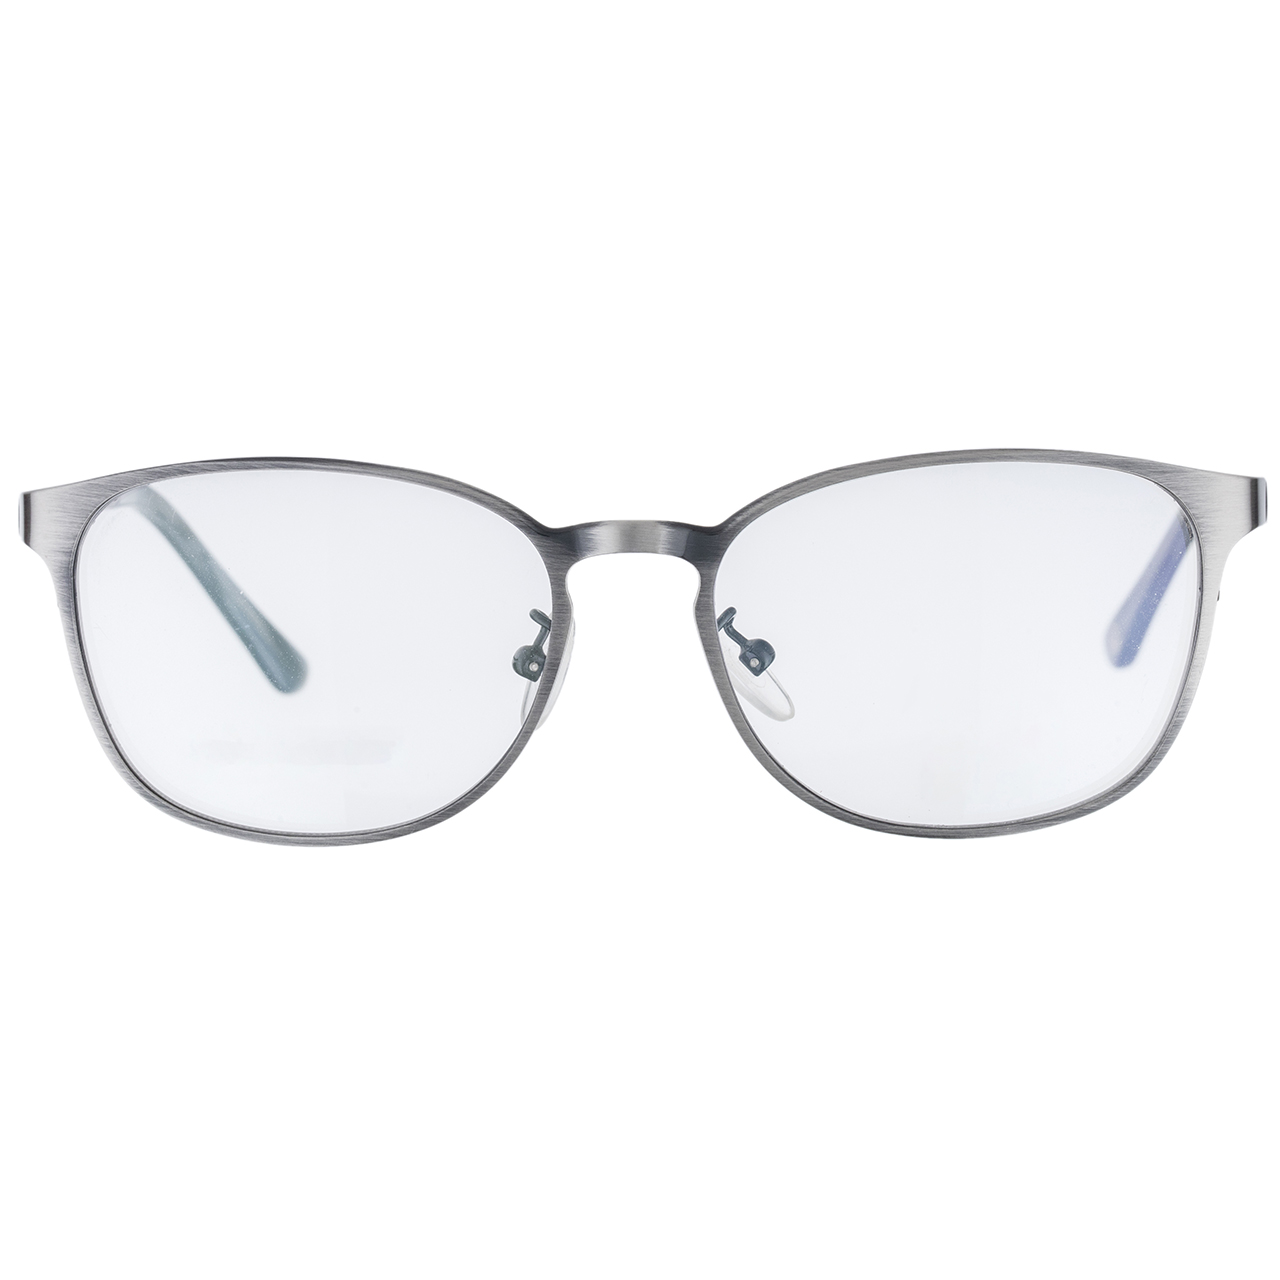 قیمت فریم عینک طبی مدل b1175a